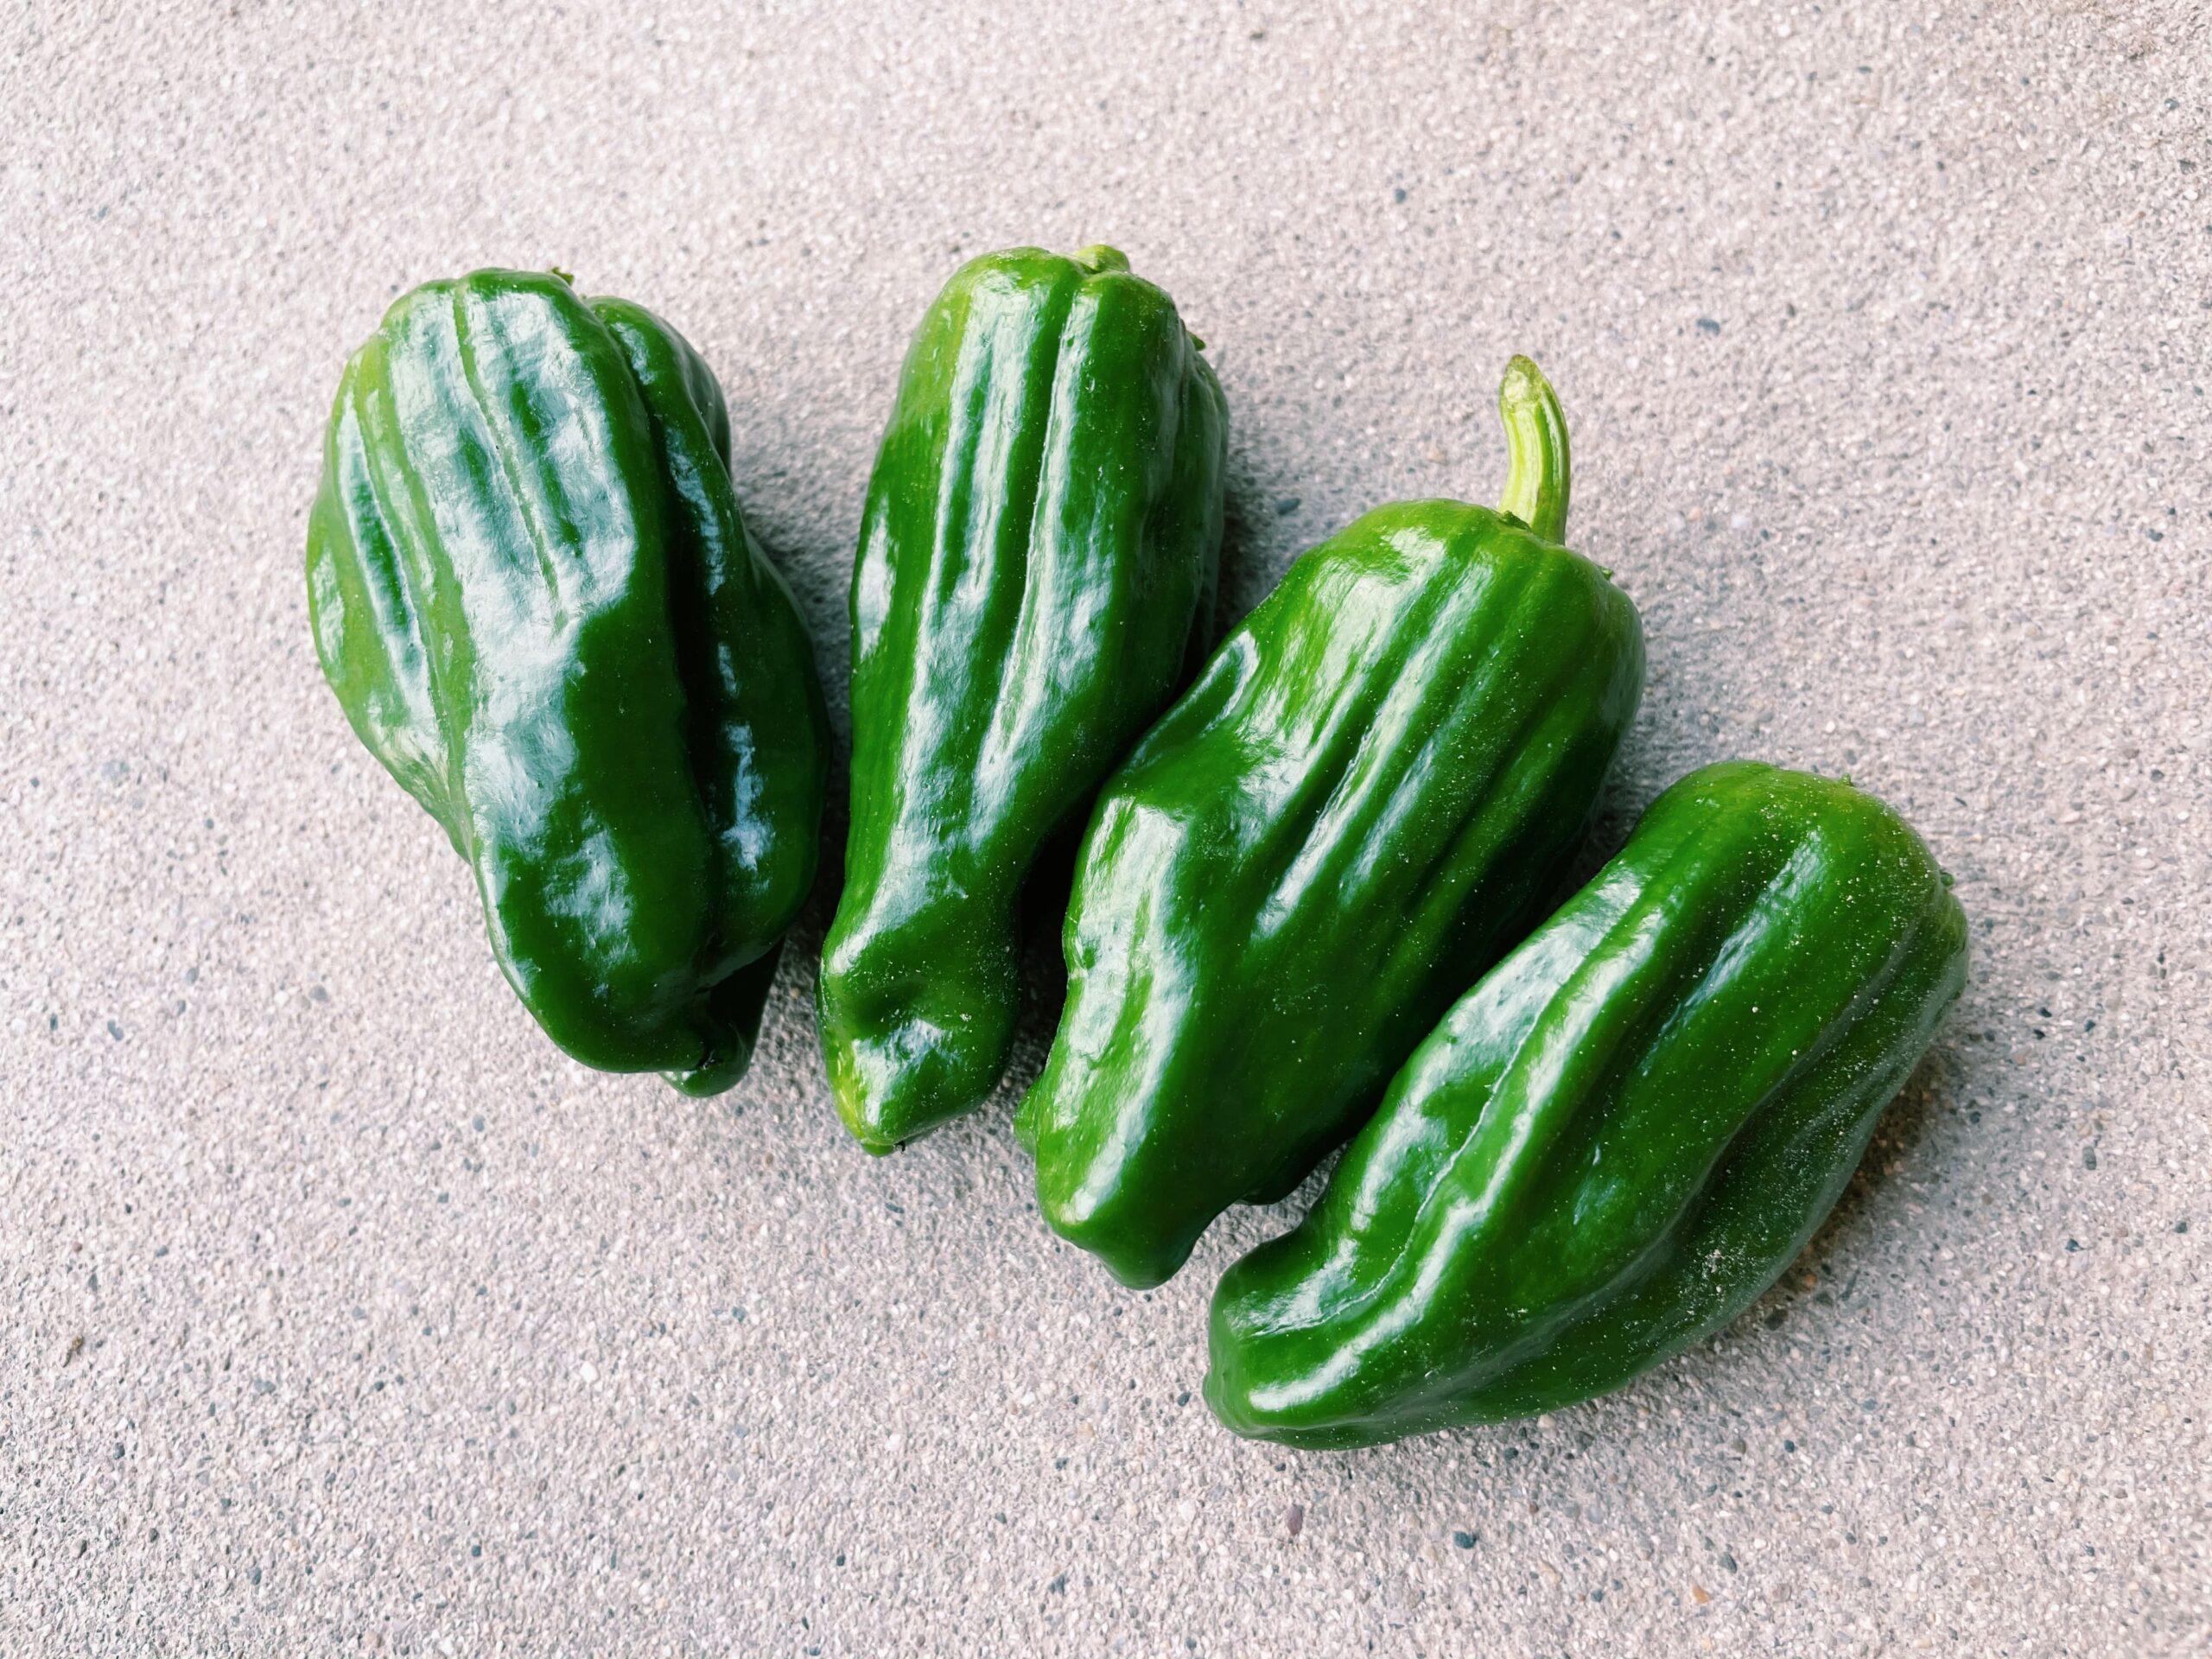 ヒルナンデス レシピ 作り方 ライバル食材徹底討論 ピーマン